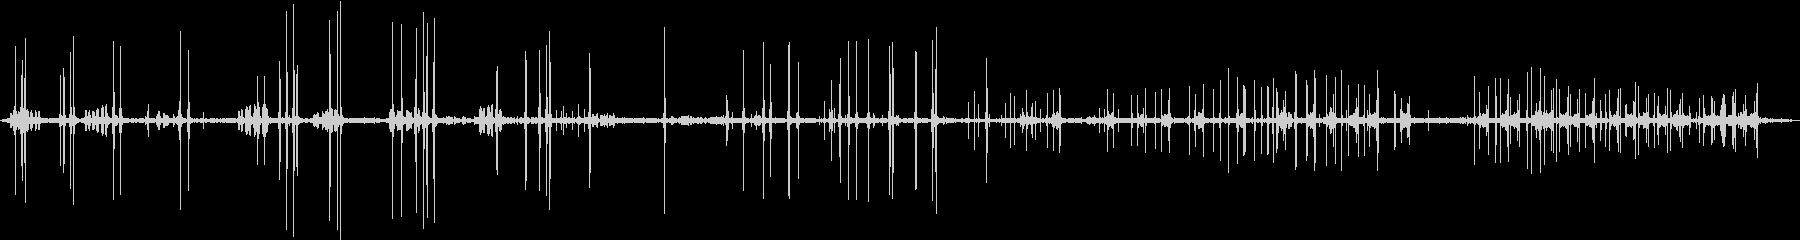 バード、ブリージングウォーブラー、...の未再生の波形